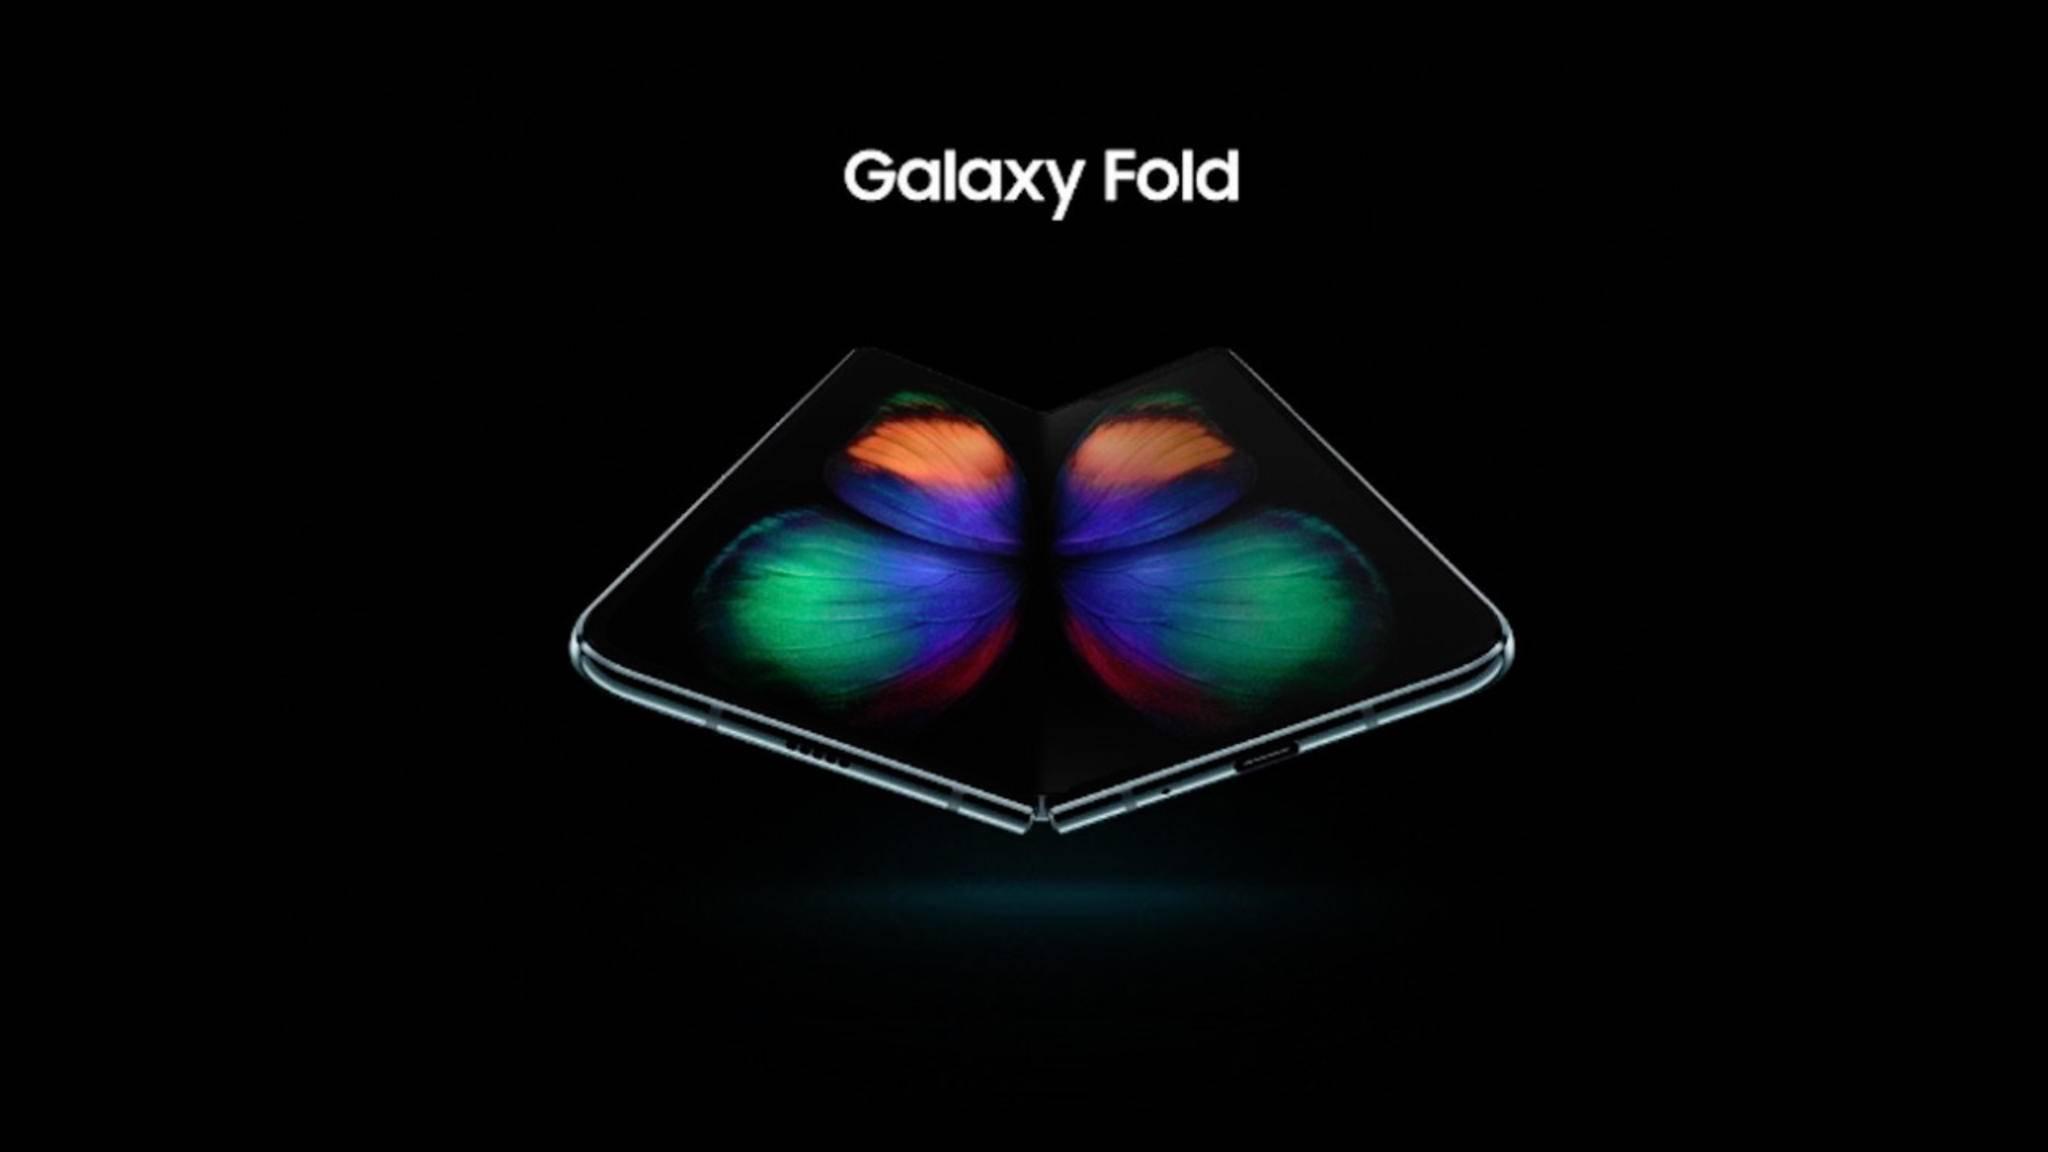 Wann das Galaxy Fold endlich erscheint, steht noch in den Sternen.